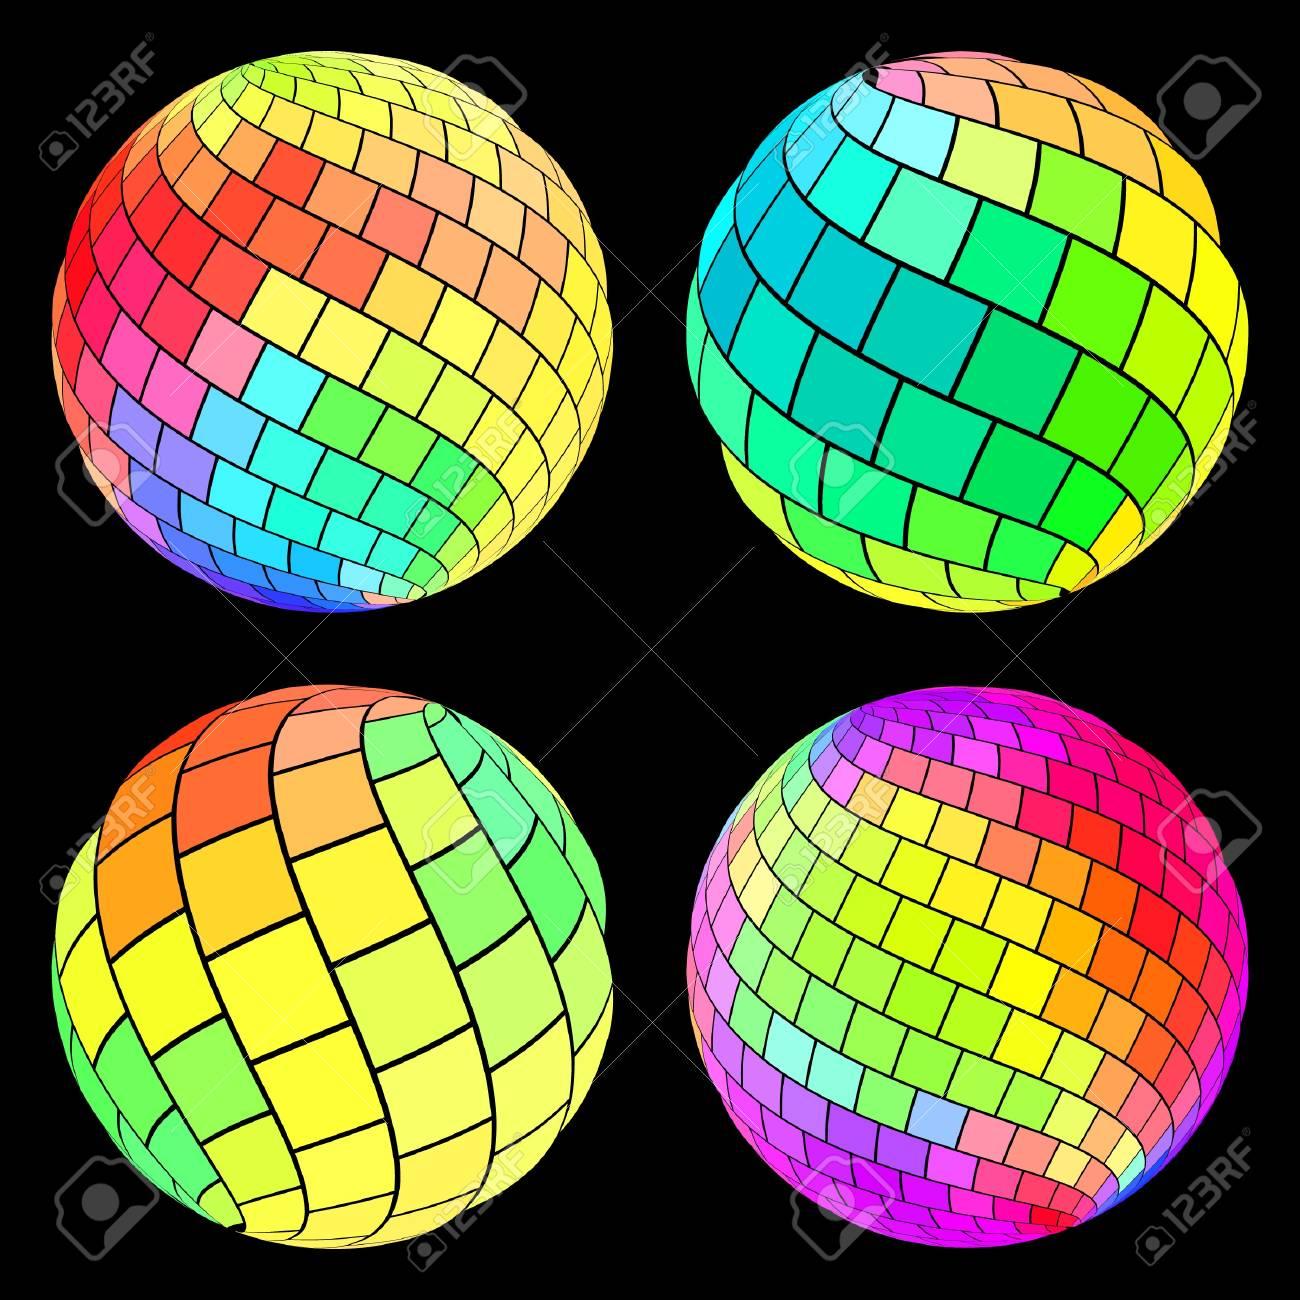 Multicolored globe illustration. Stock Vector - 9392789